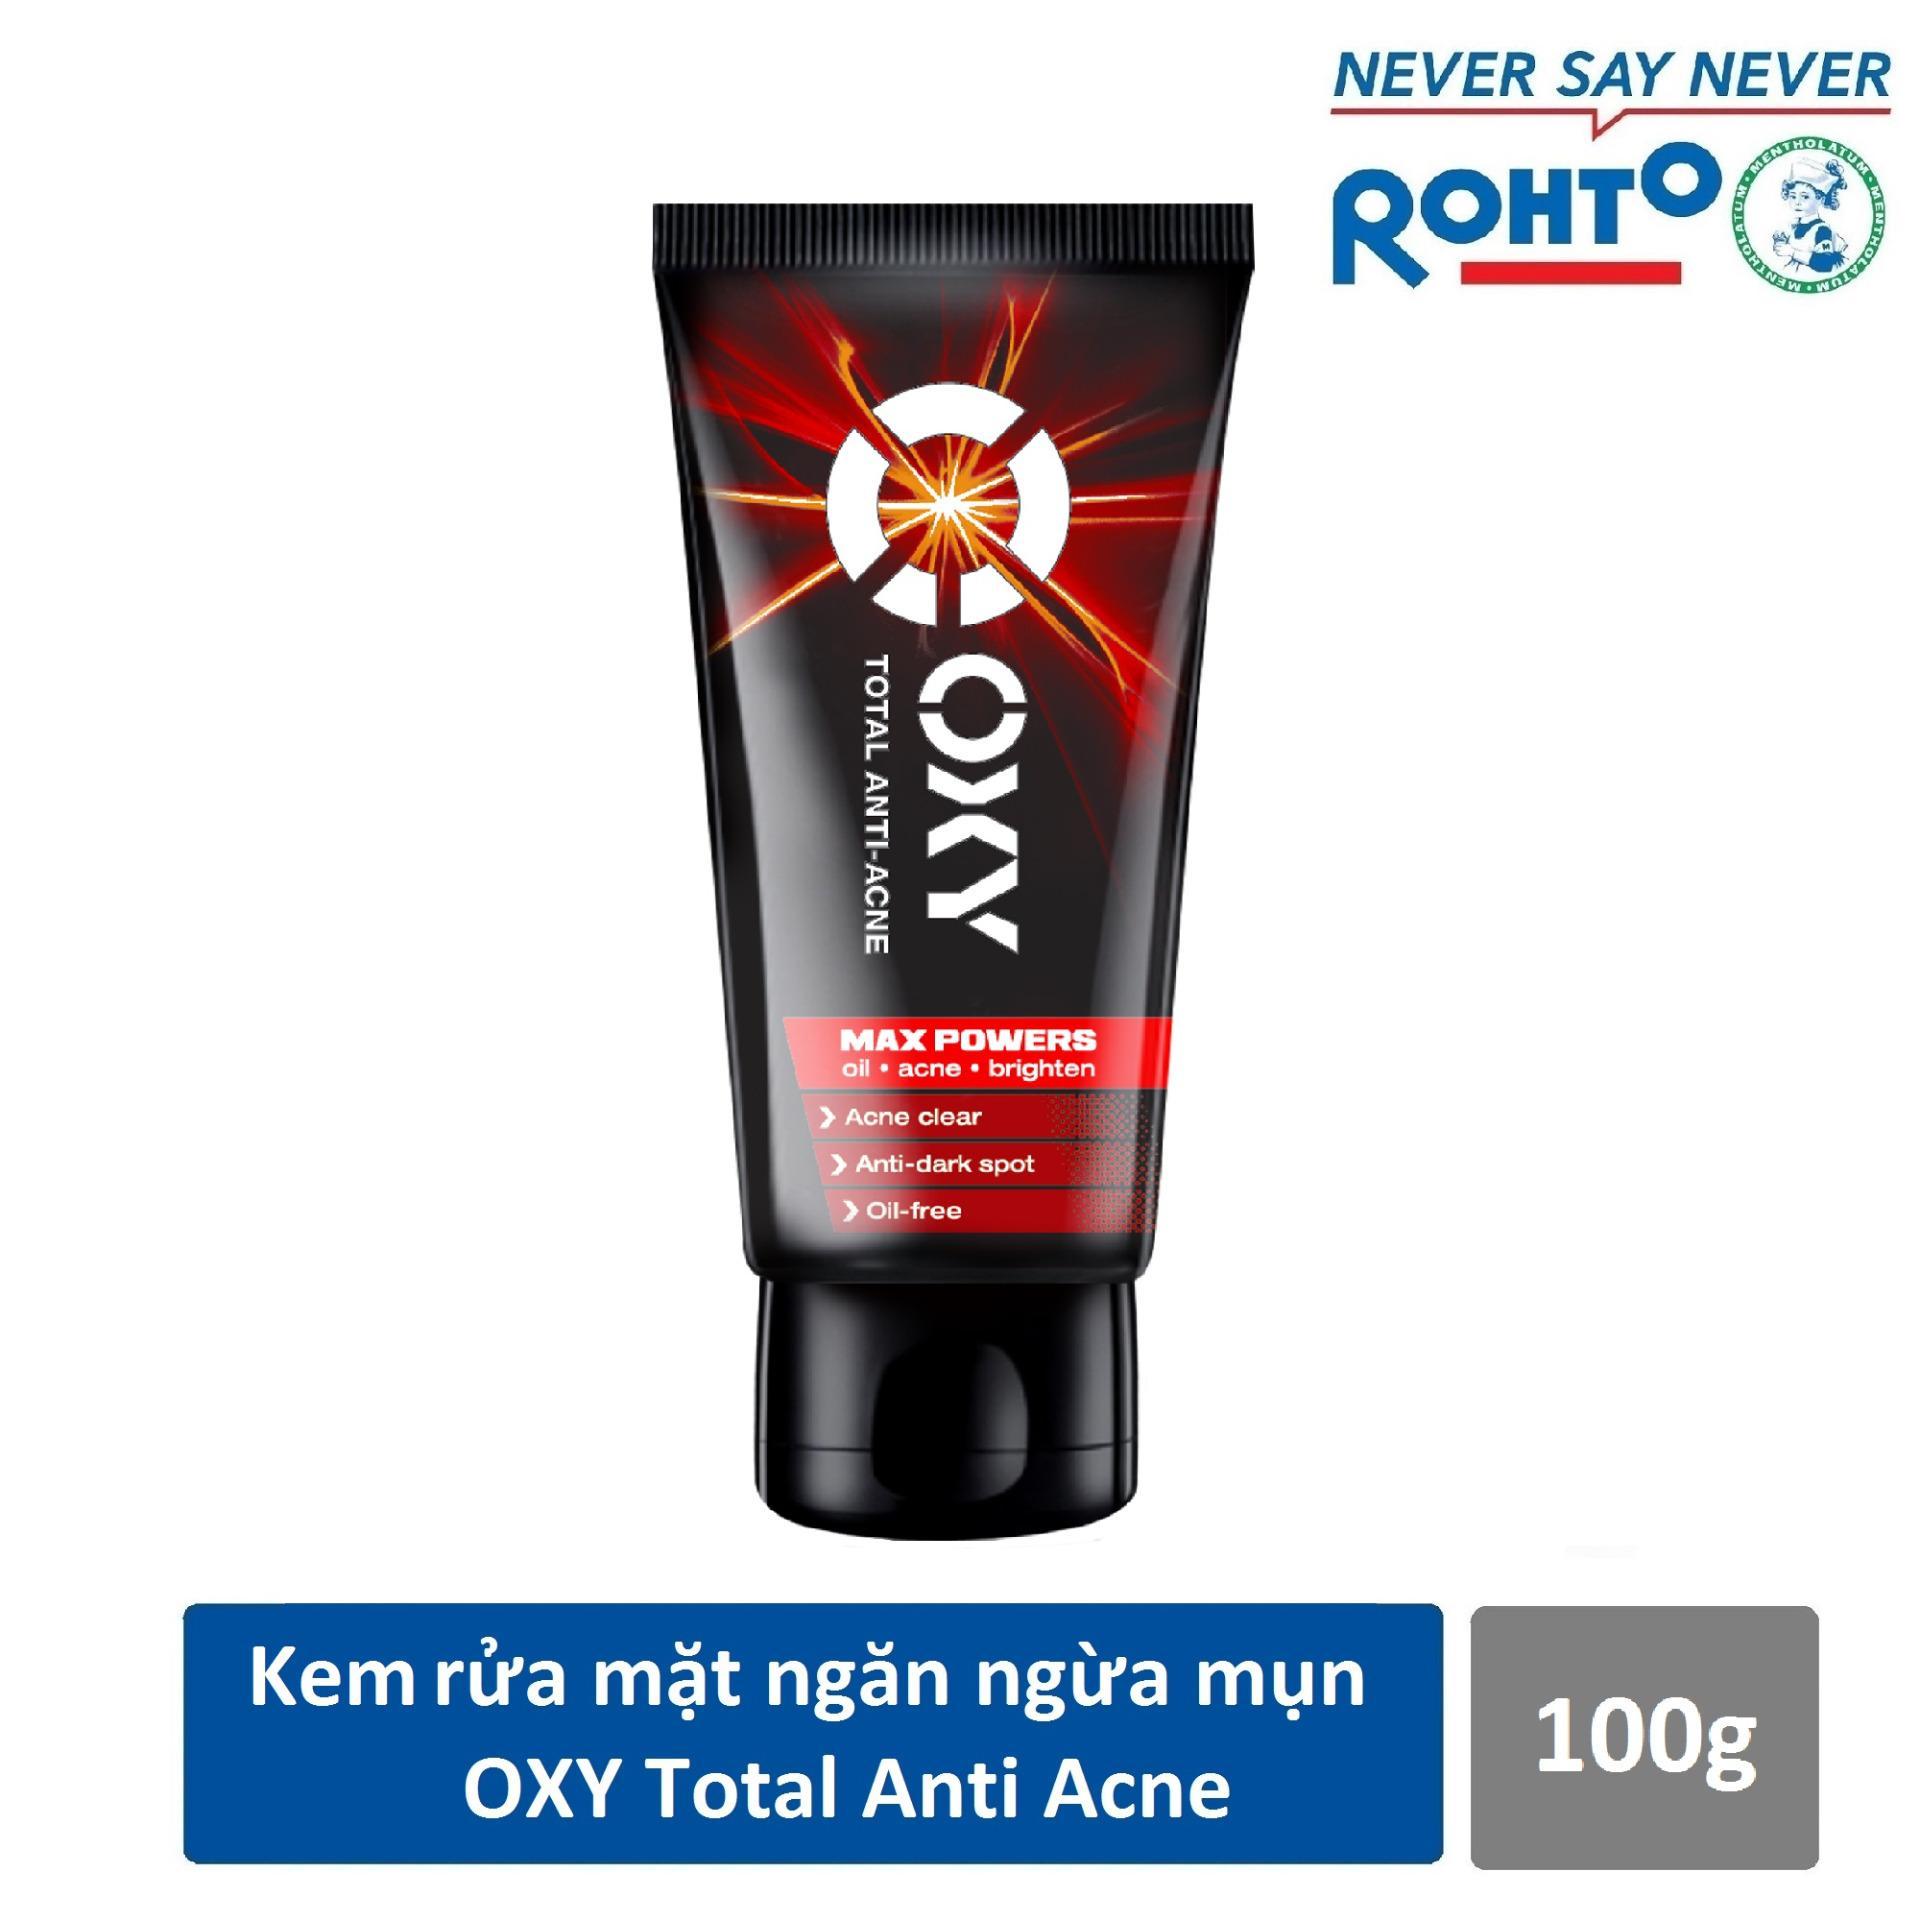 Kem rửa mặt ngăn ngừa mụn cho nam Oxy Total Anti Acne 100g + Tặng Vớ OXY cực cool